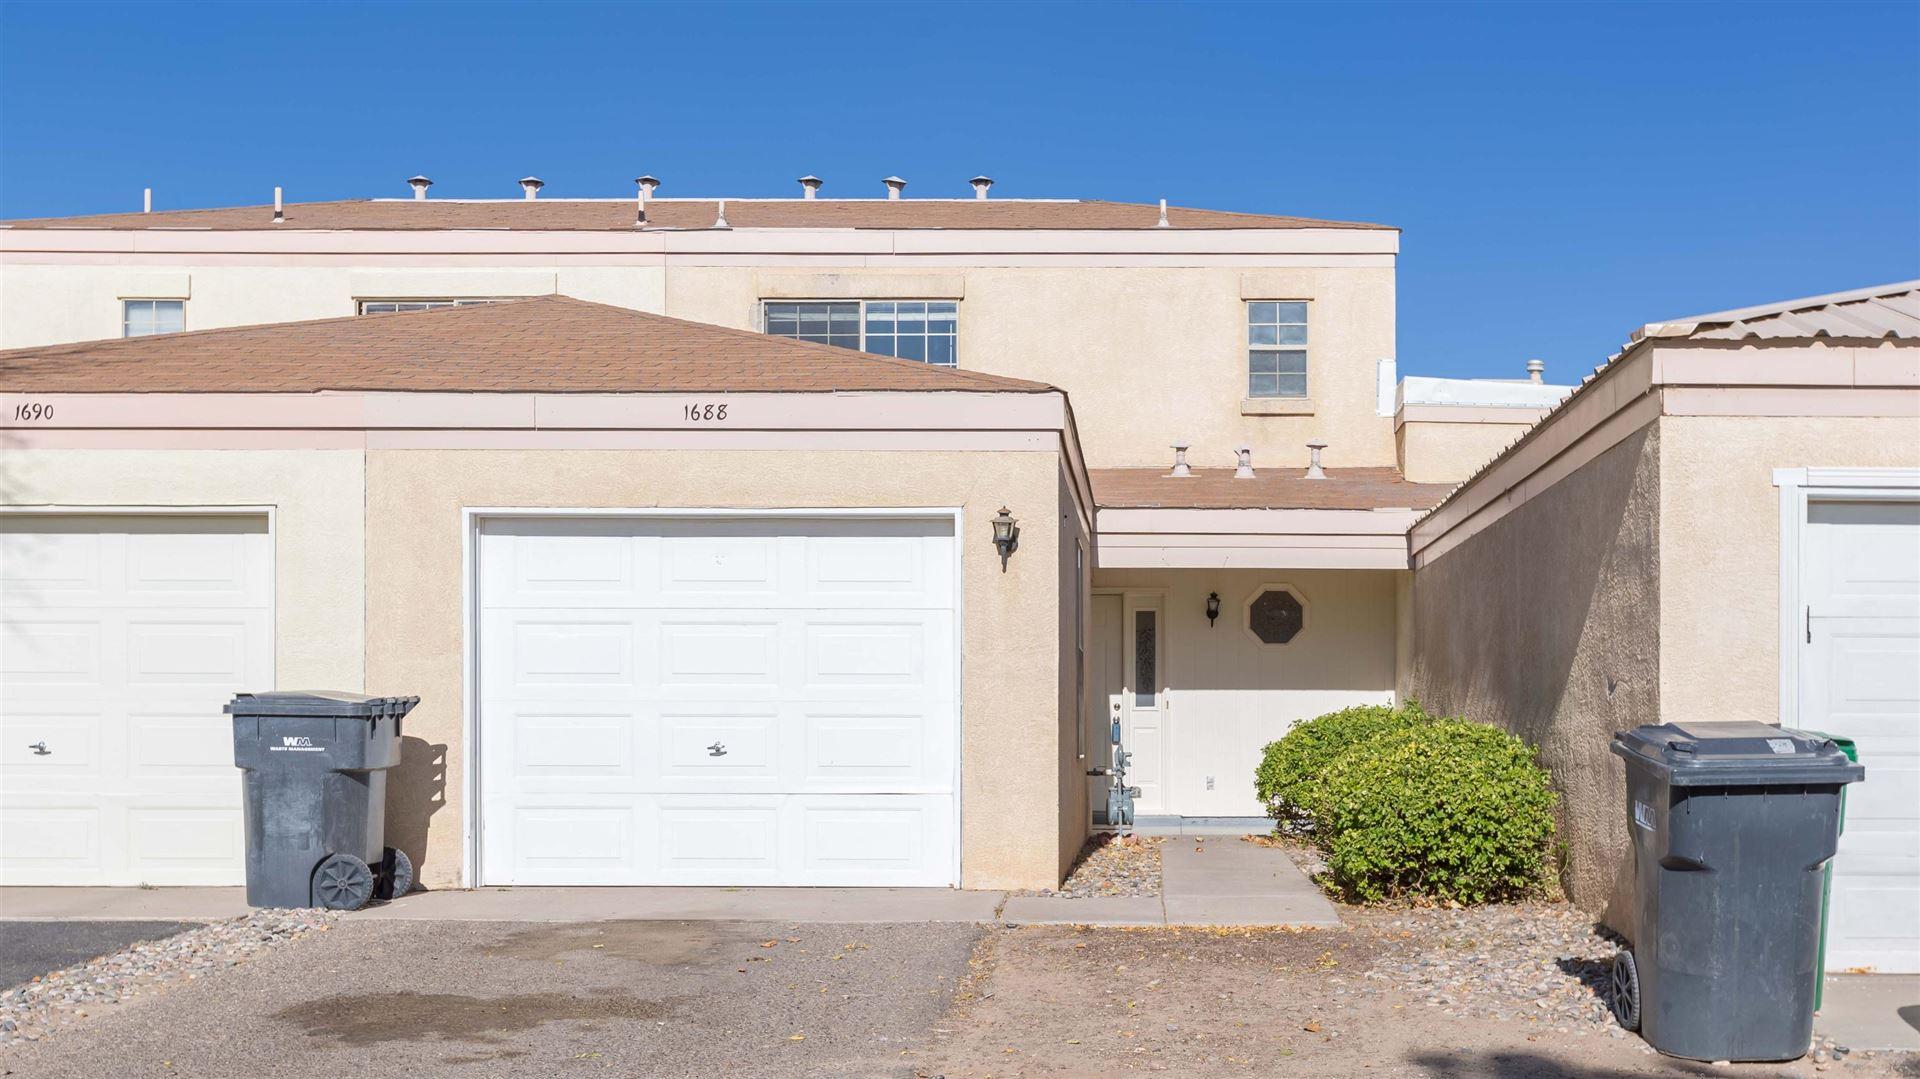 Photo of 1688 PERMA Drive NE, Rio Rancho, NM 87144 (MLS # 979106)